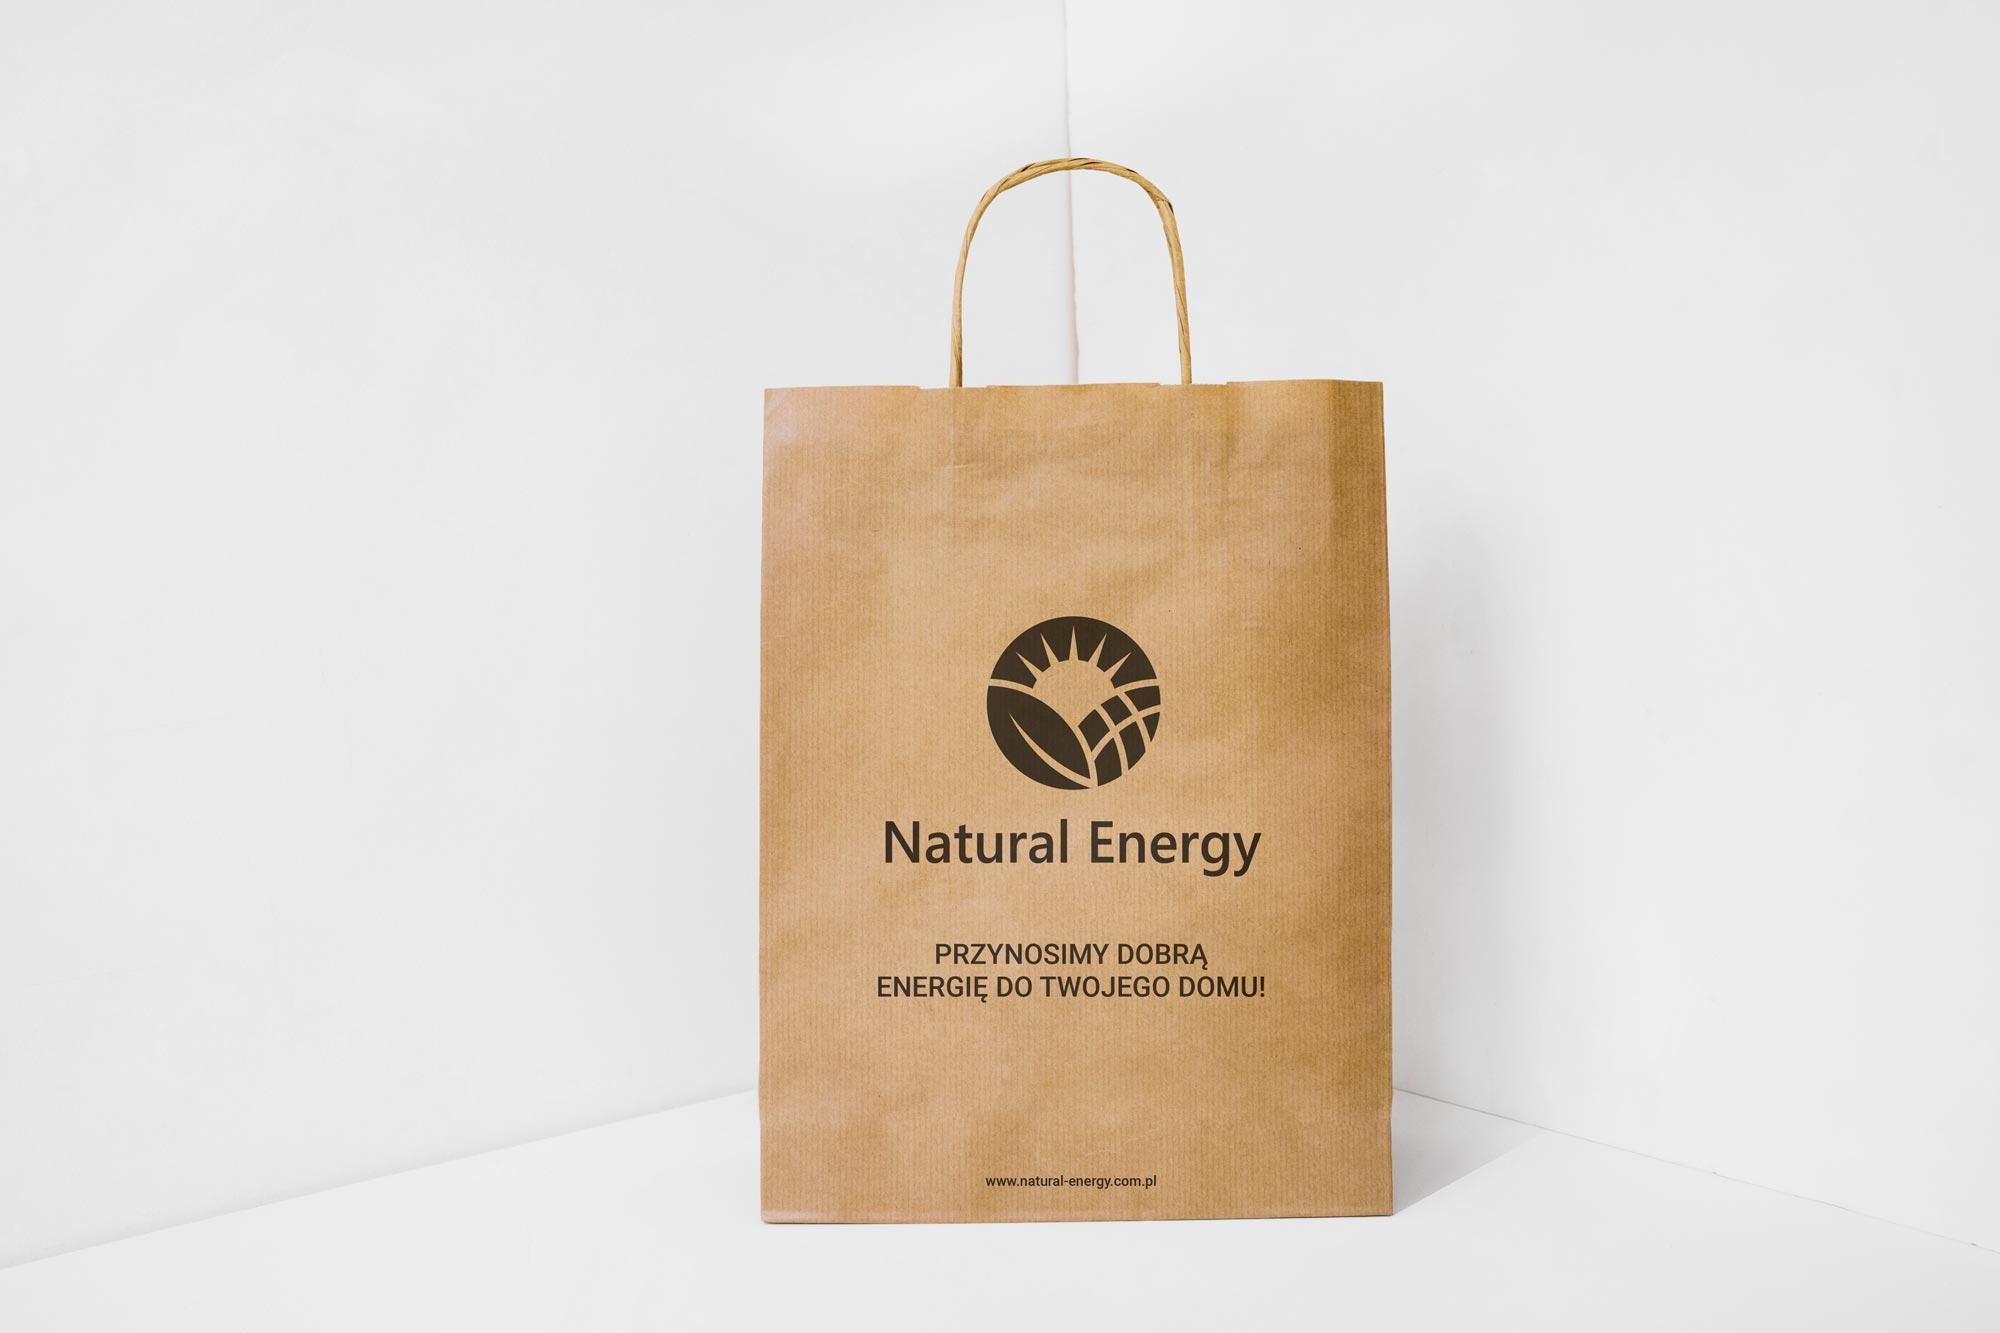 Projektowanie-graficzne-Natural-Energy-Gadżety-reklamowe-9